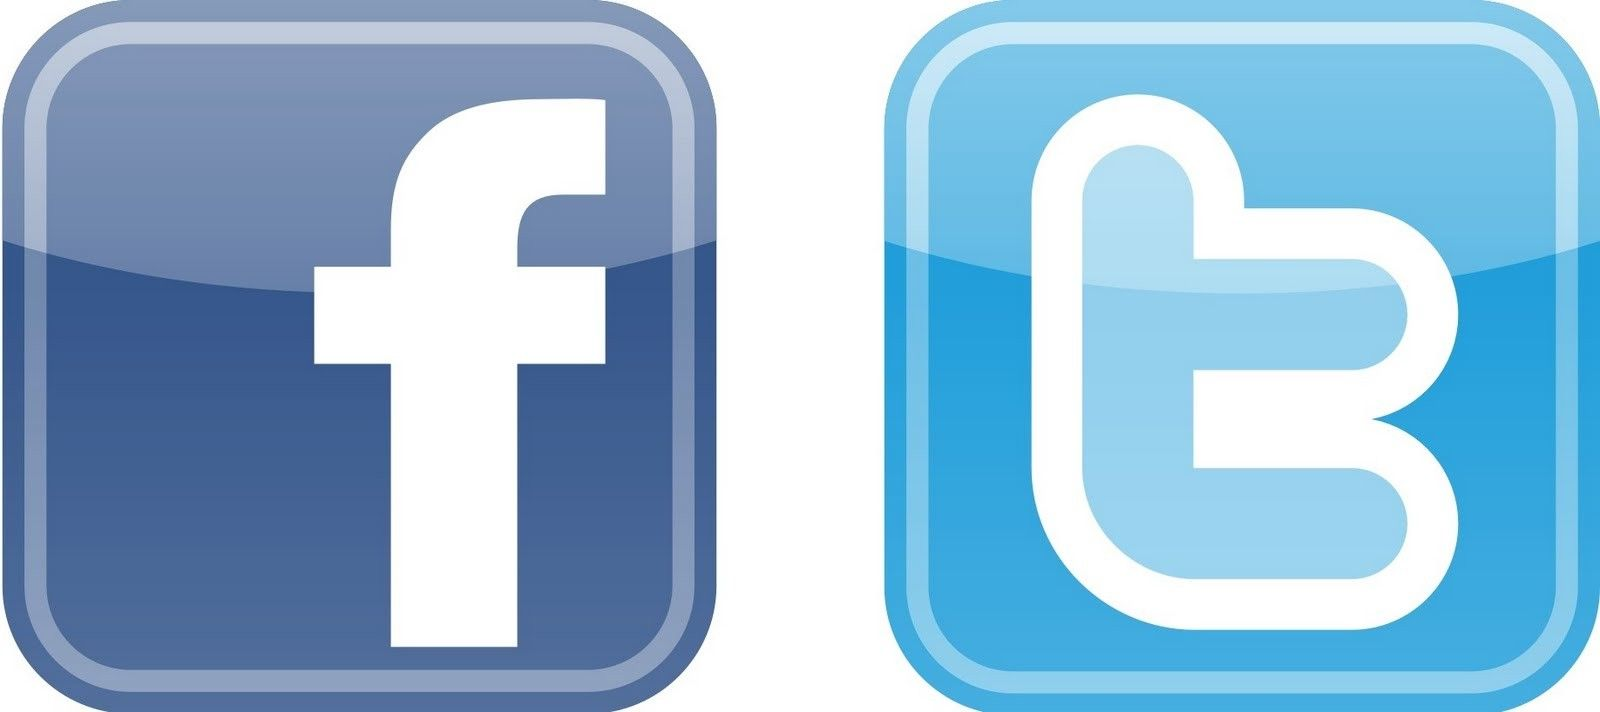 1600x712 Facebook Vector Logo Hd